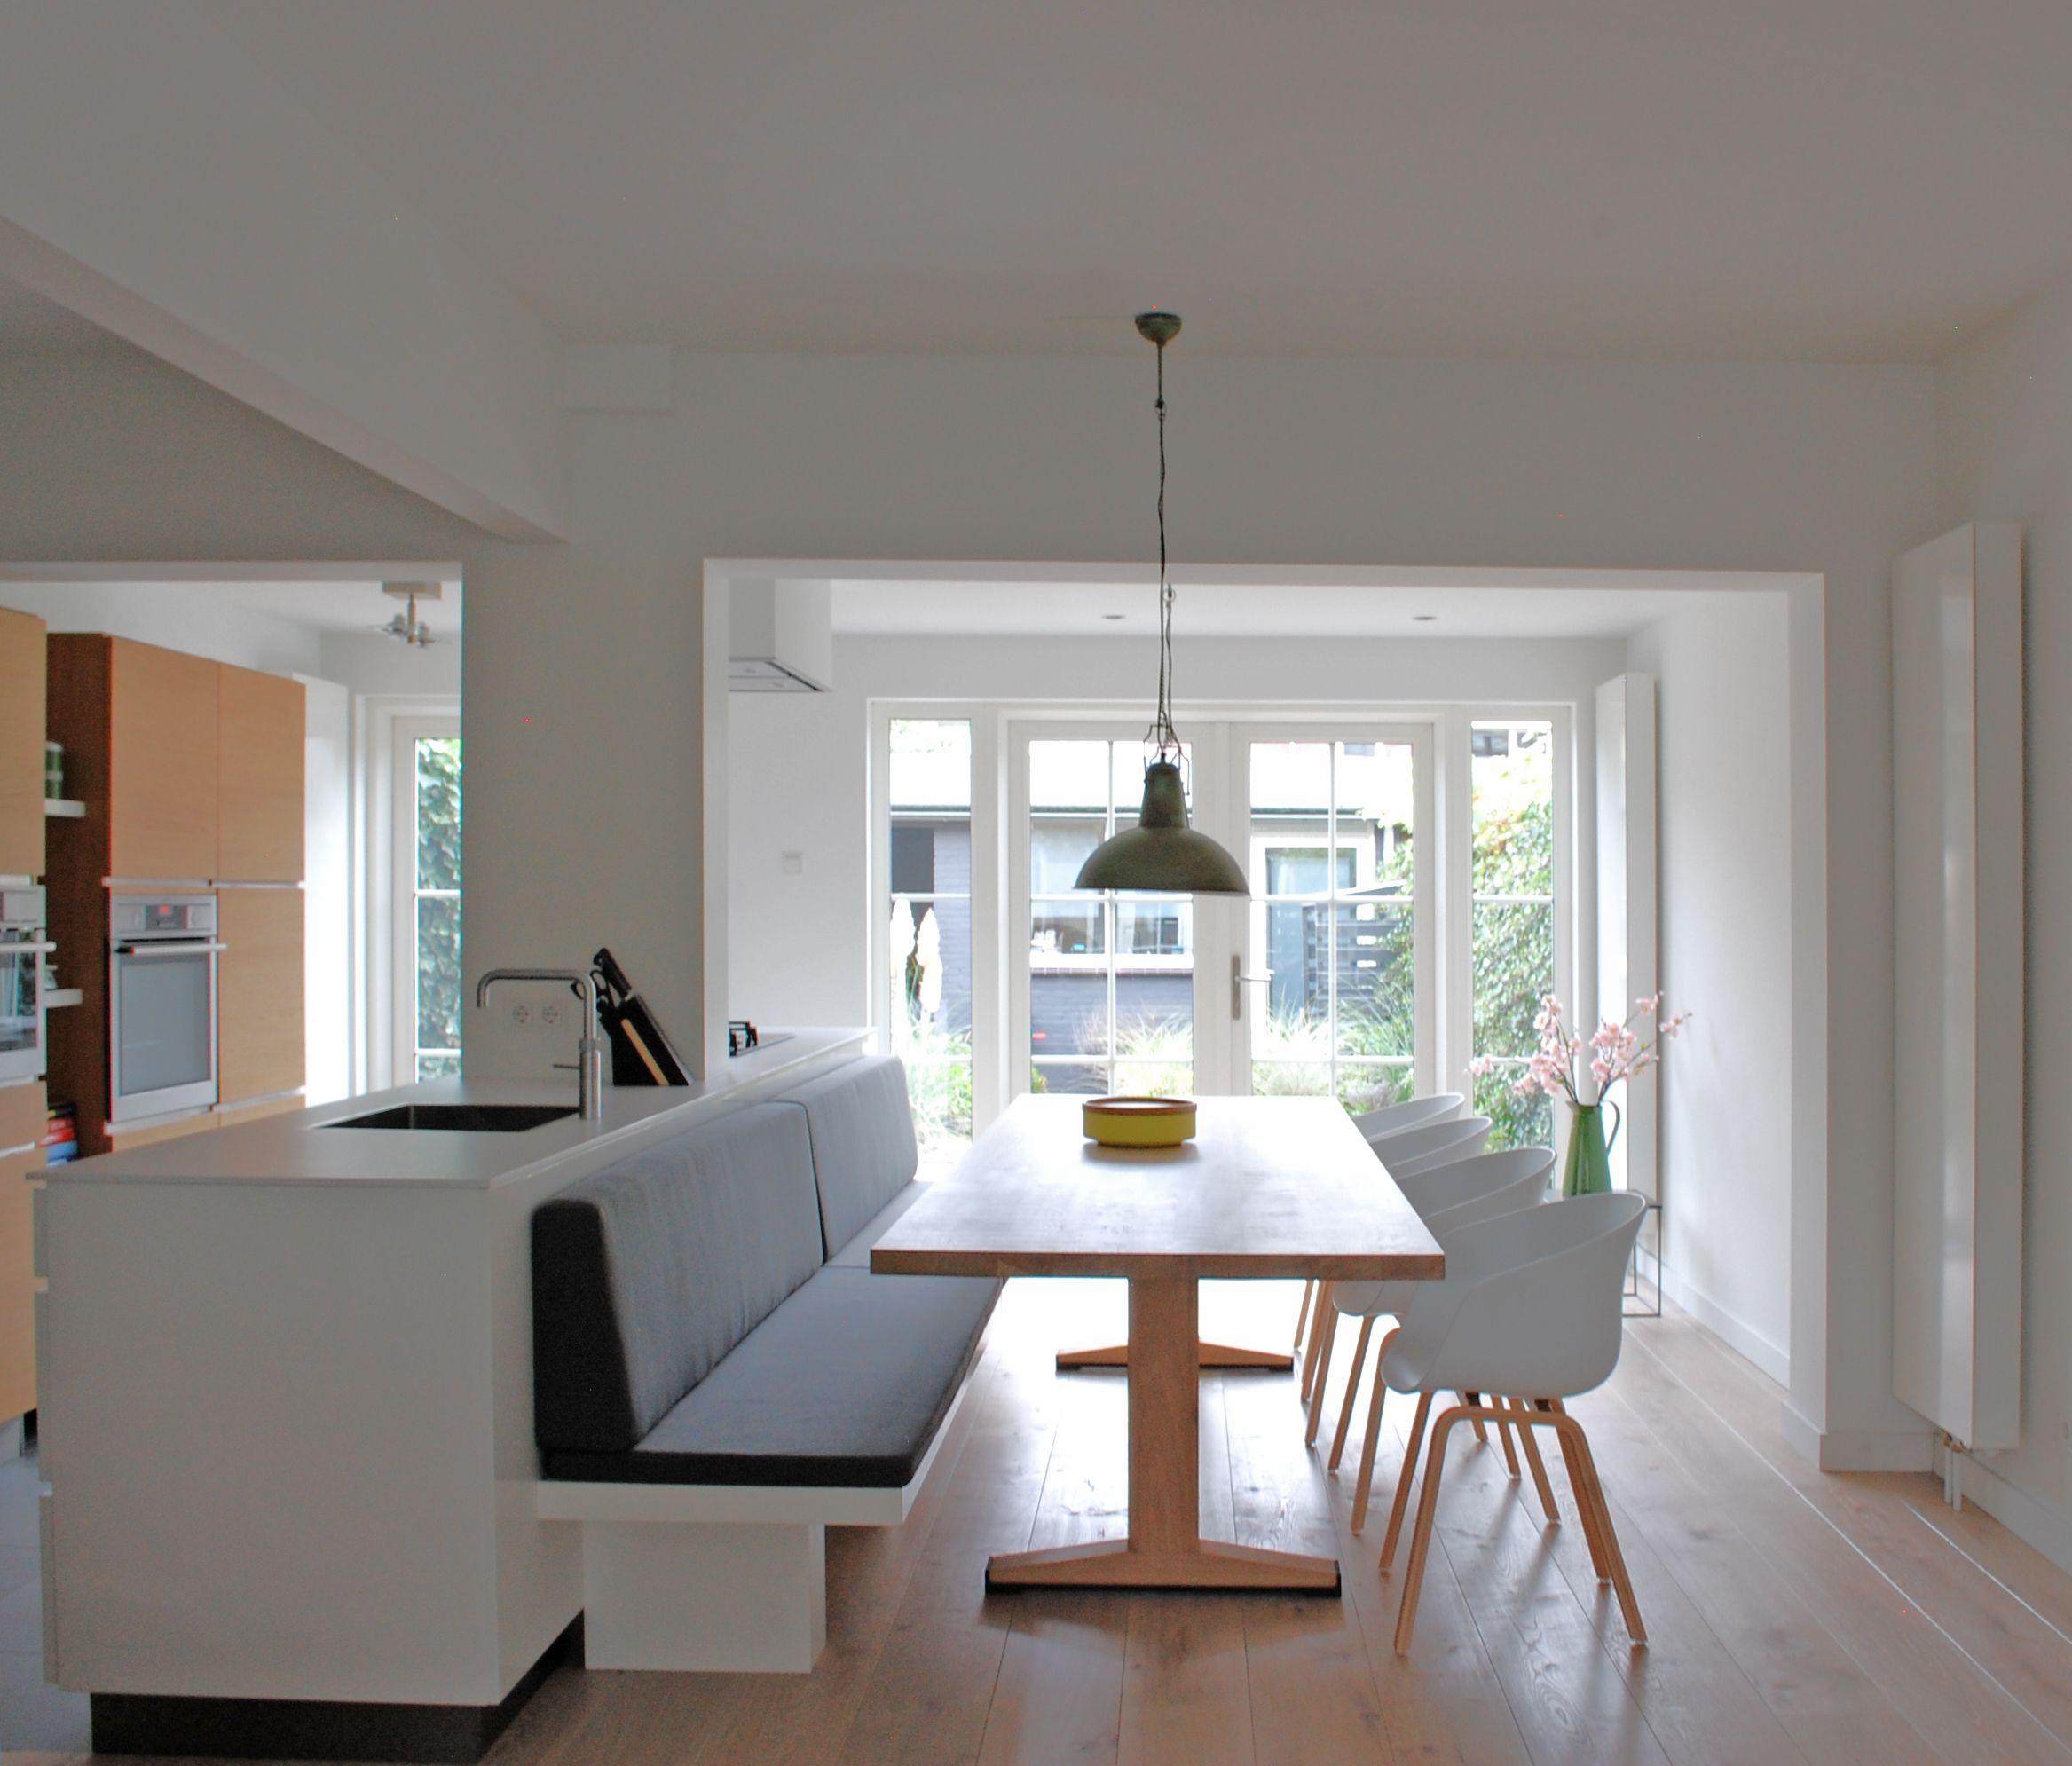 Verbouwing ontwerp en indeling van het interieur door for 3d interieur ontwerp